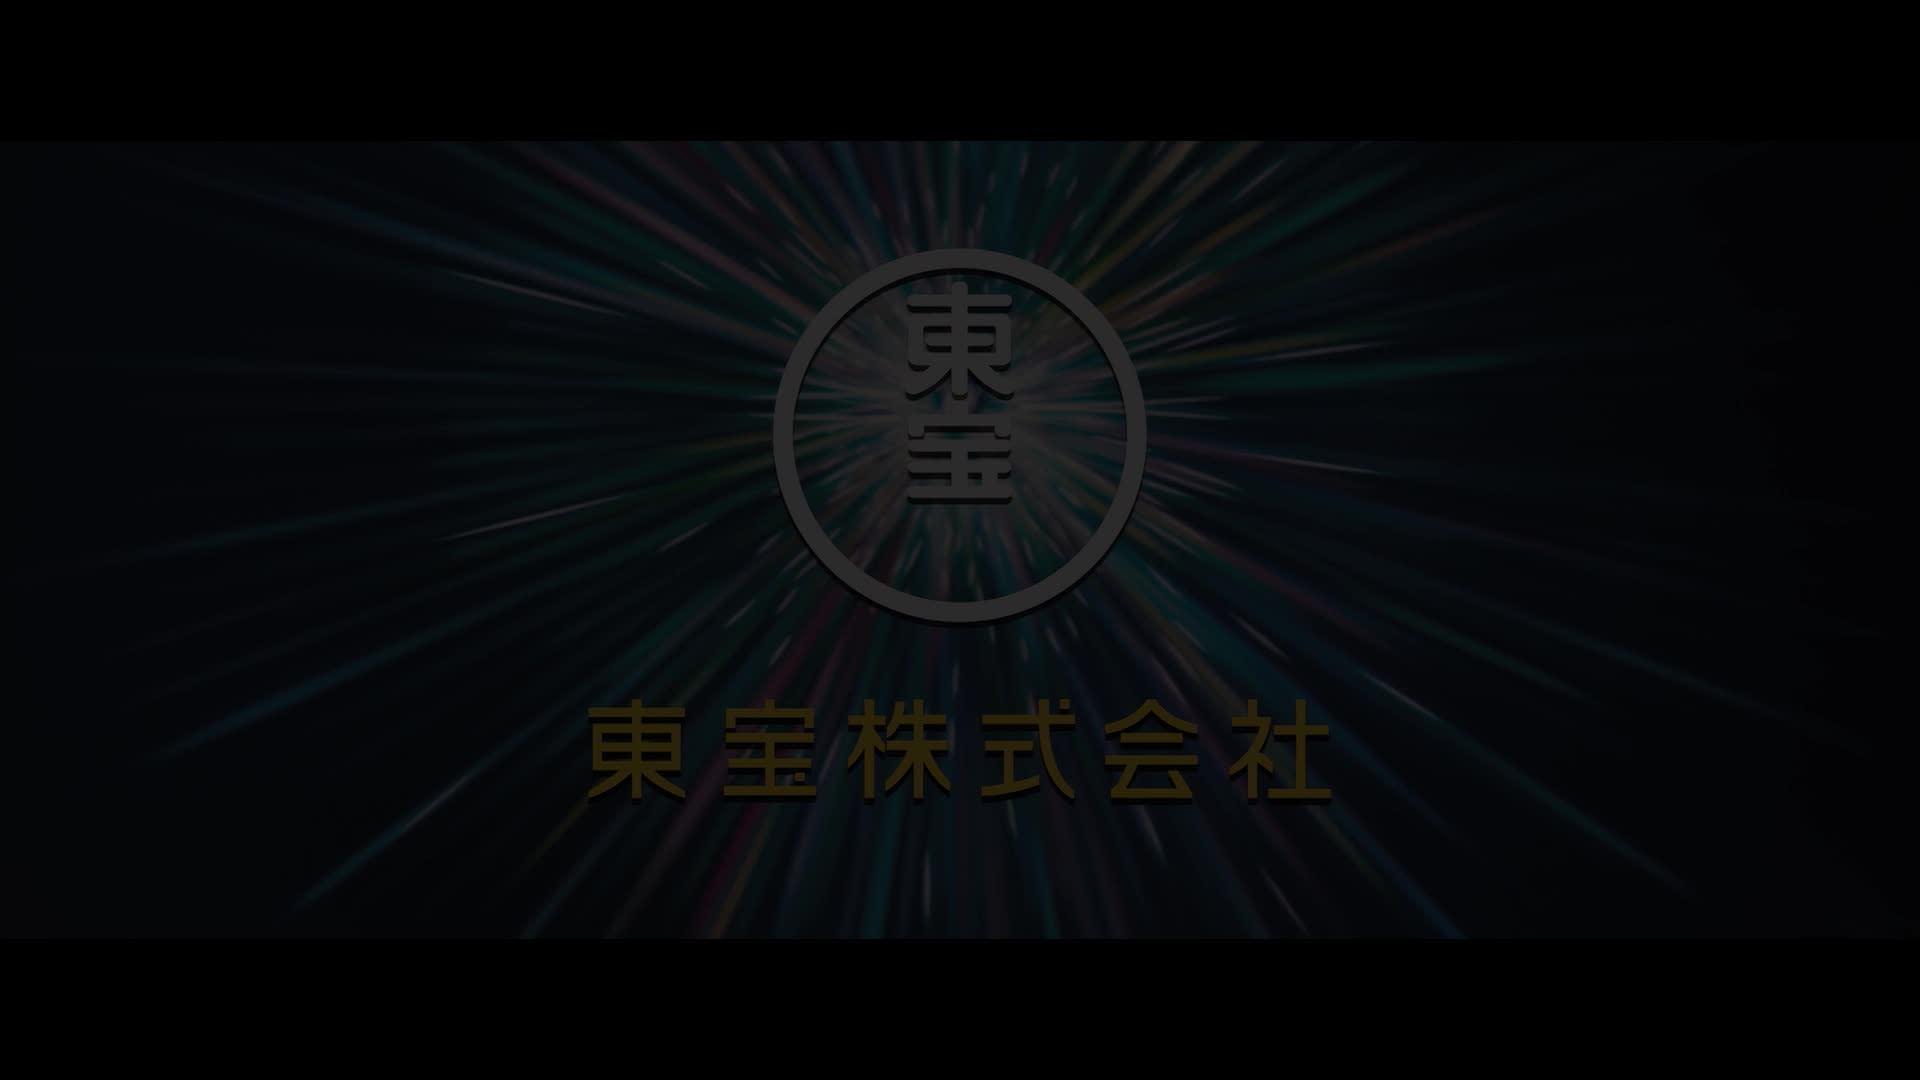 《命運之瞳》電影預告